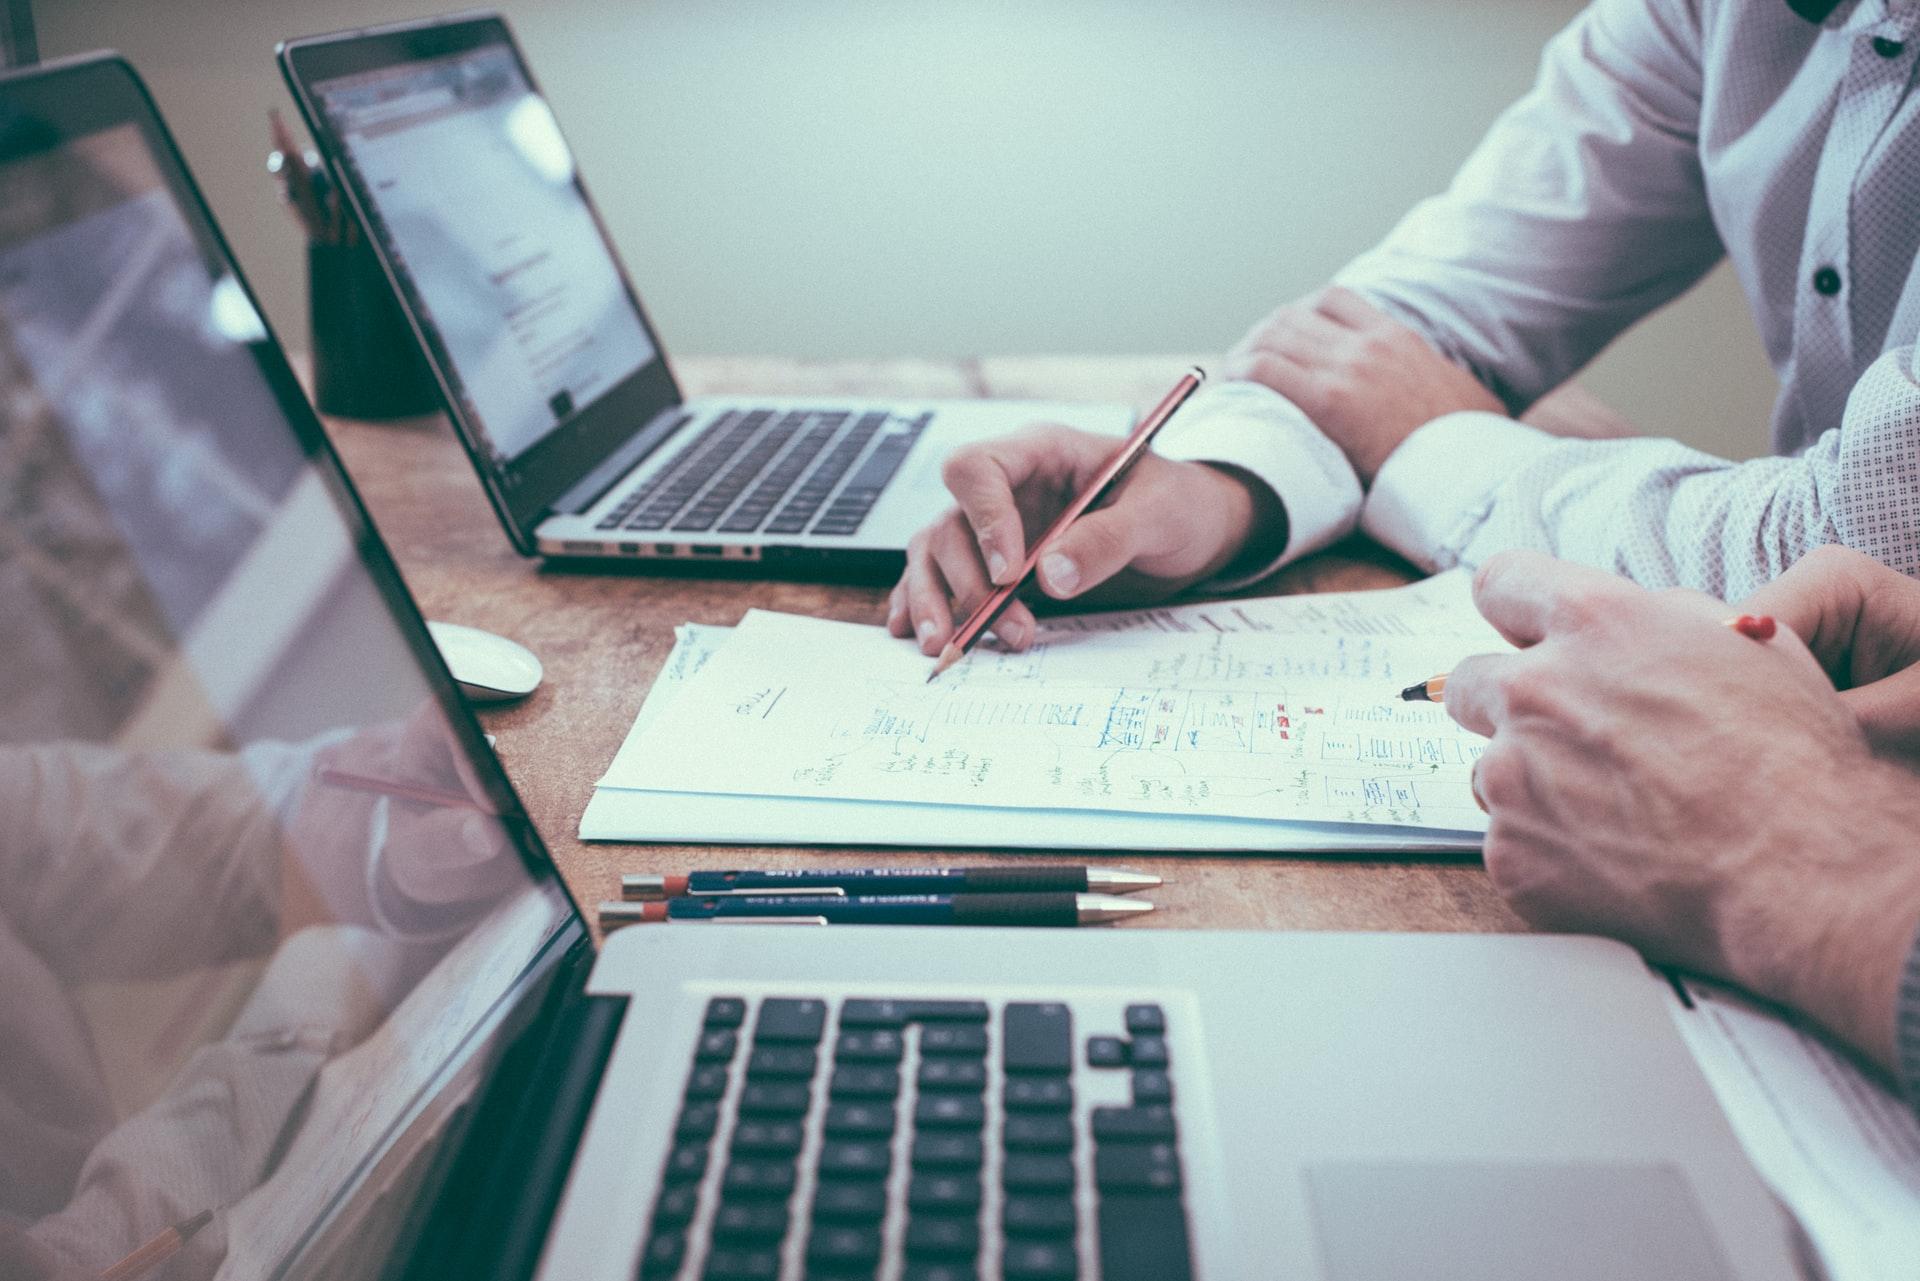 遙距營商計劃申請流程